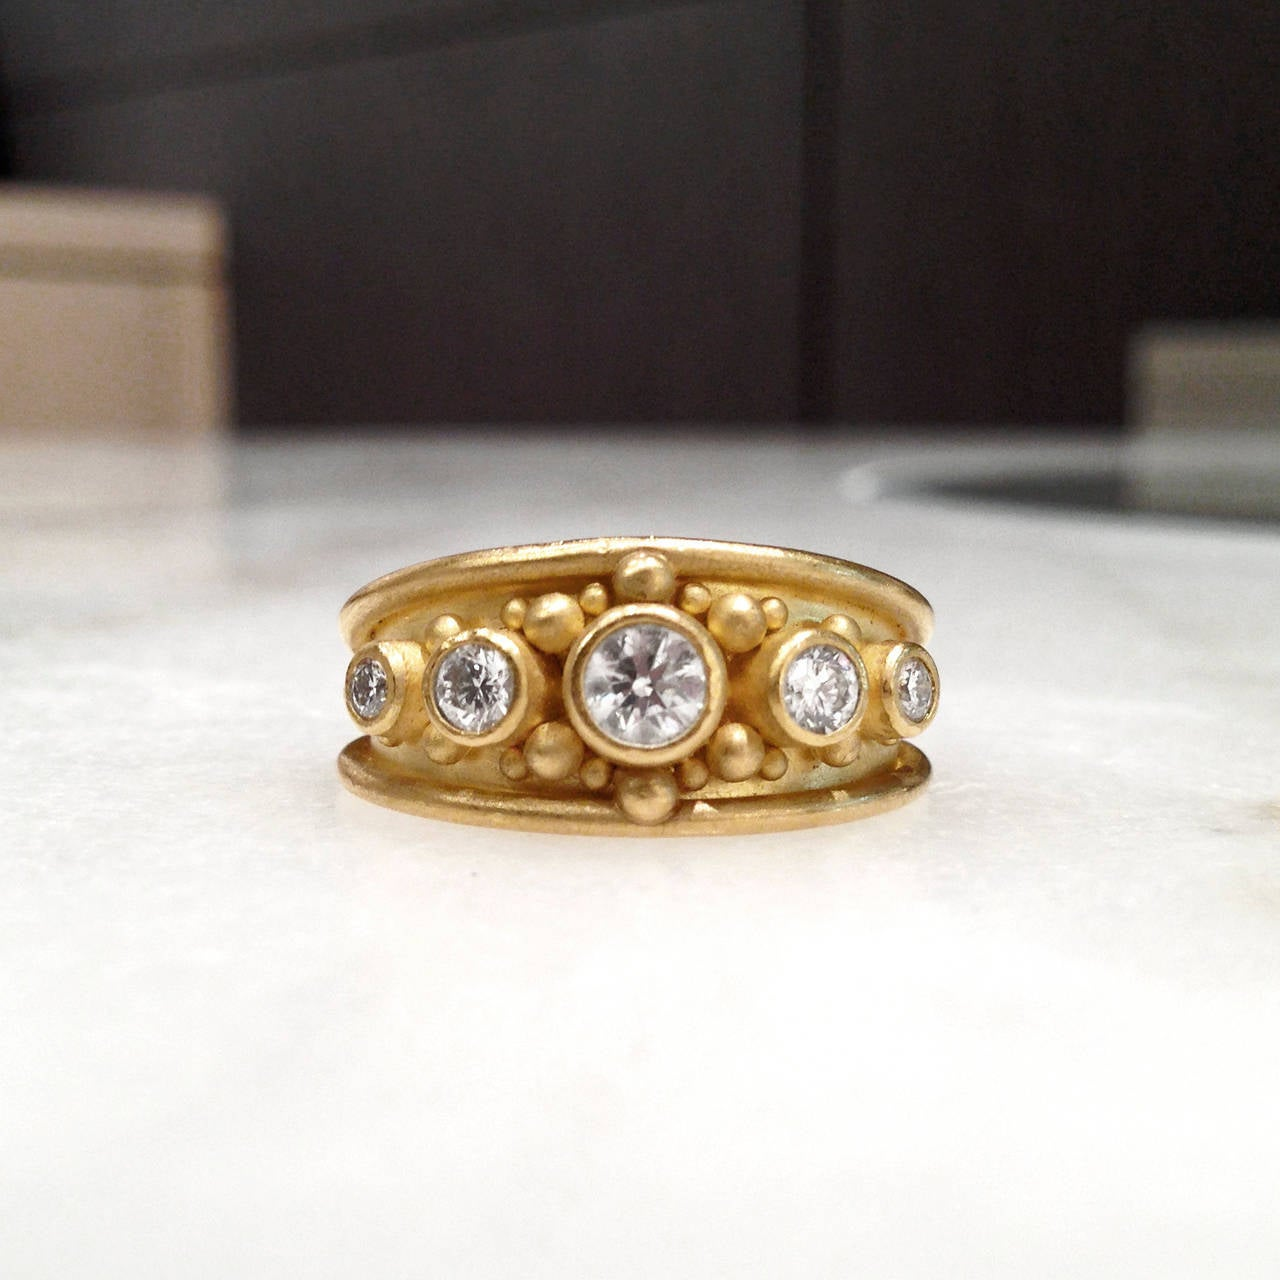 gold granulation cigar band ring at 1stdibs